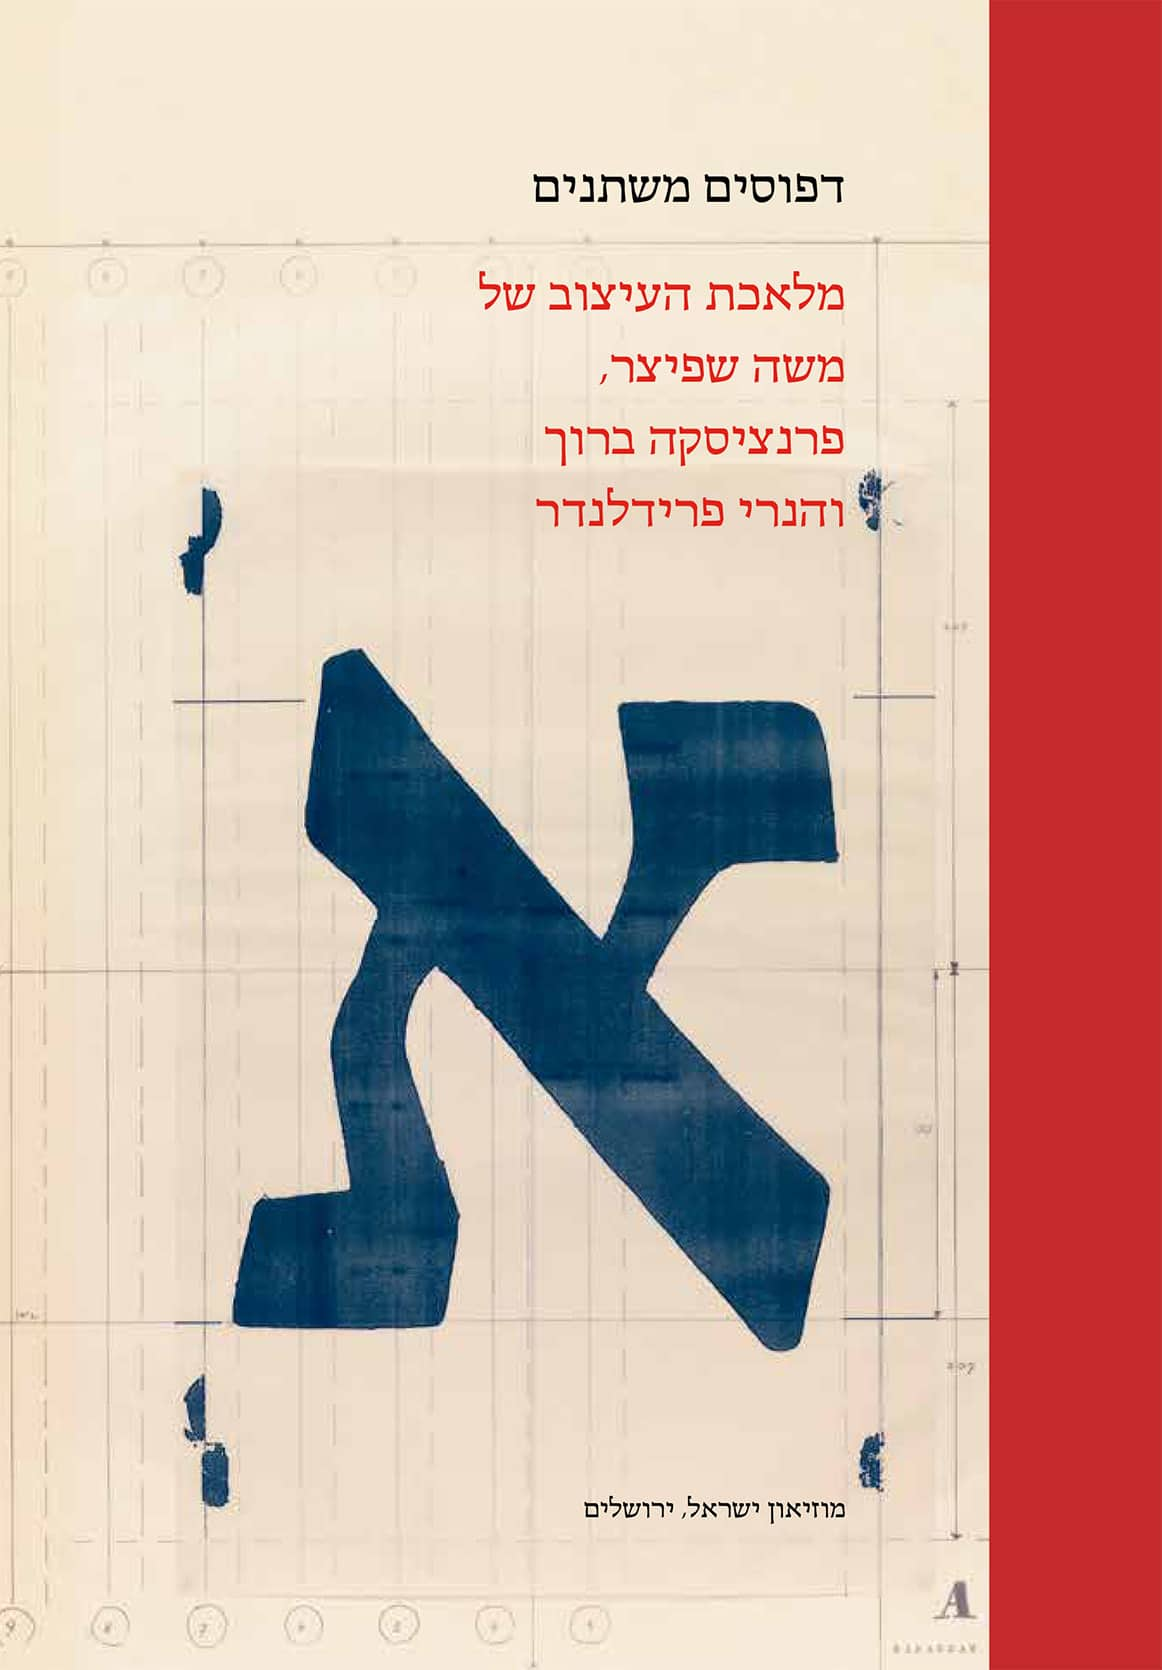 דפוסים משתנים: מלאכת העיצוב של משה שפיצר, פרנציסקה ברוך והנרי פרידלנדר